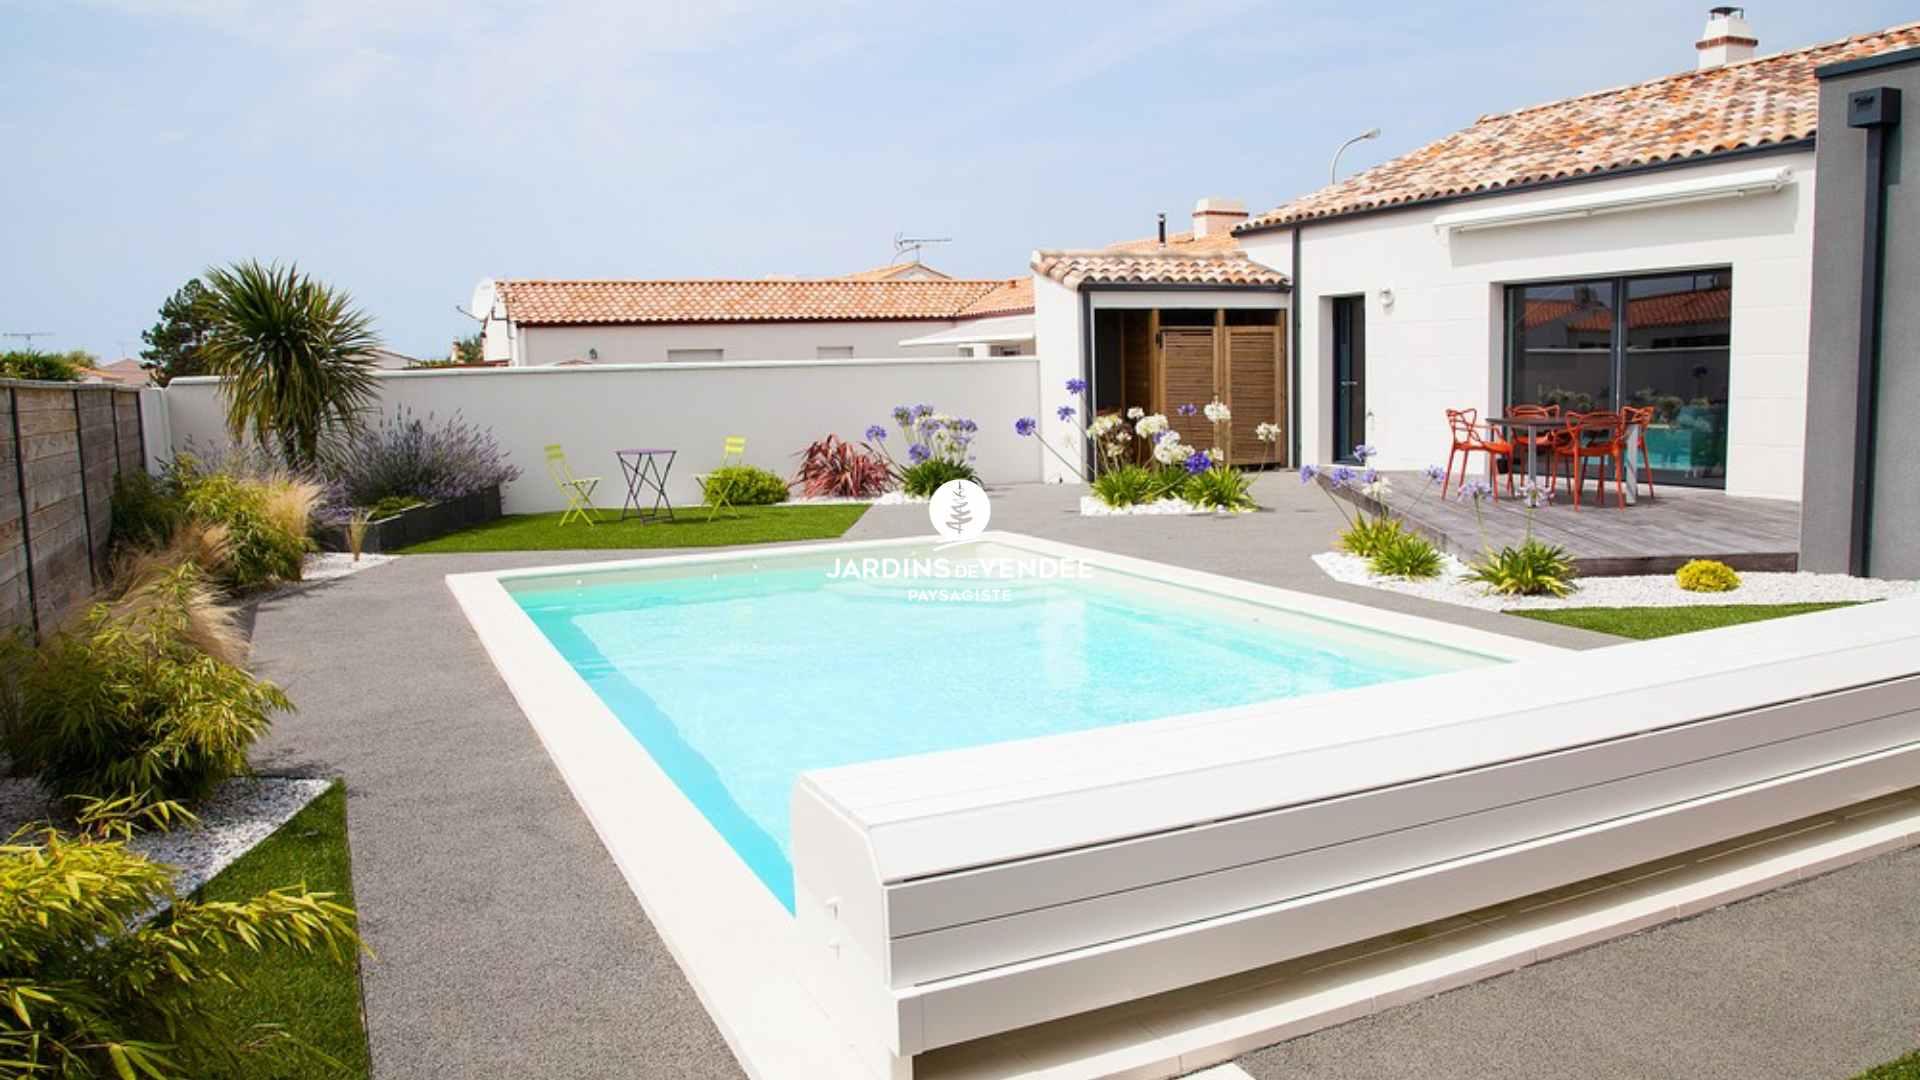 jardinsdevendee-nosrealisations-piscine15-compressed